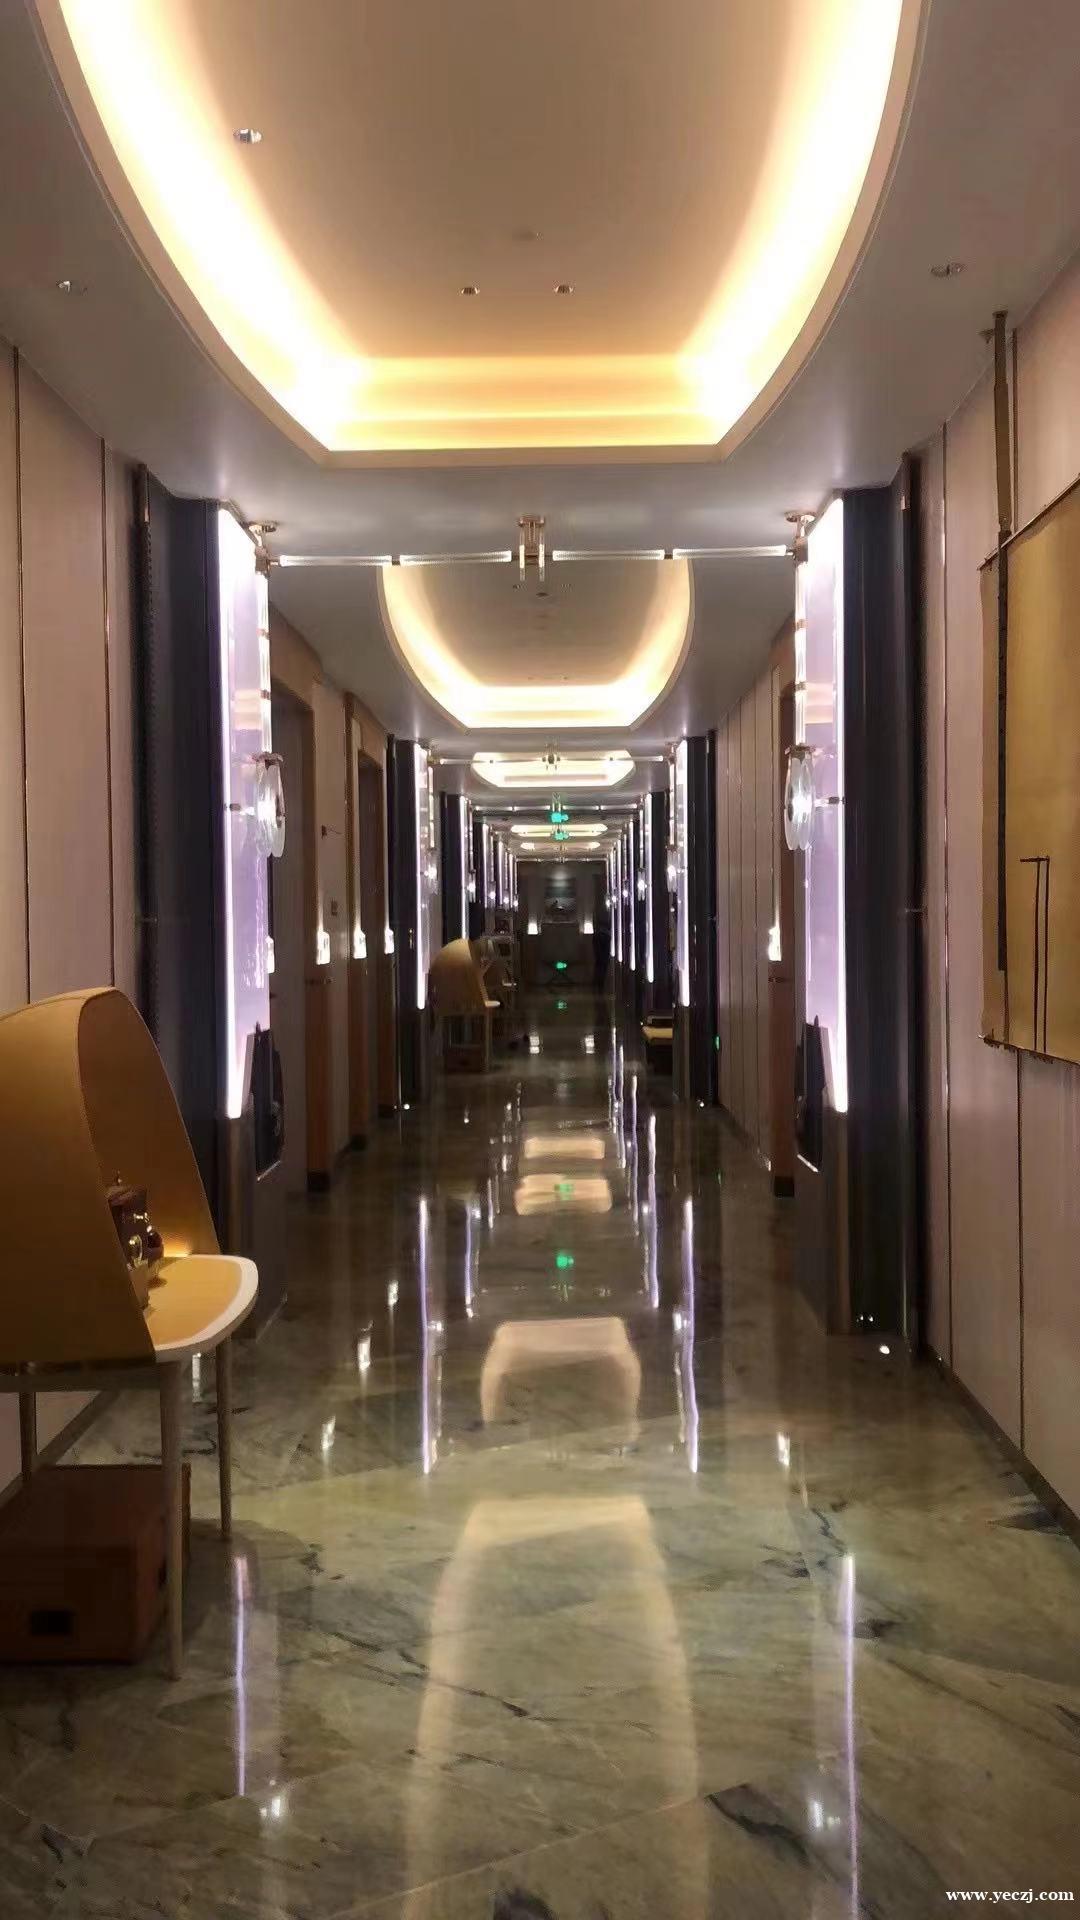 上海高端夜总会日结招聘模特生意火爆来就上班